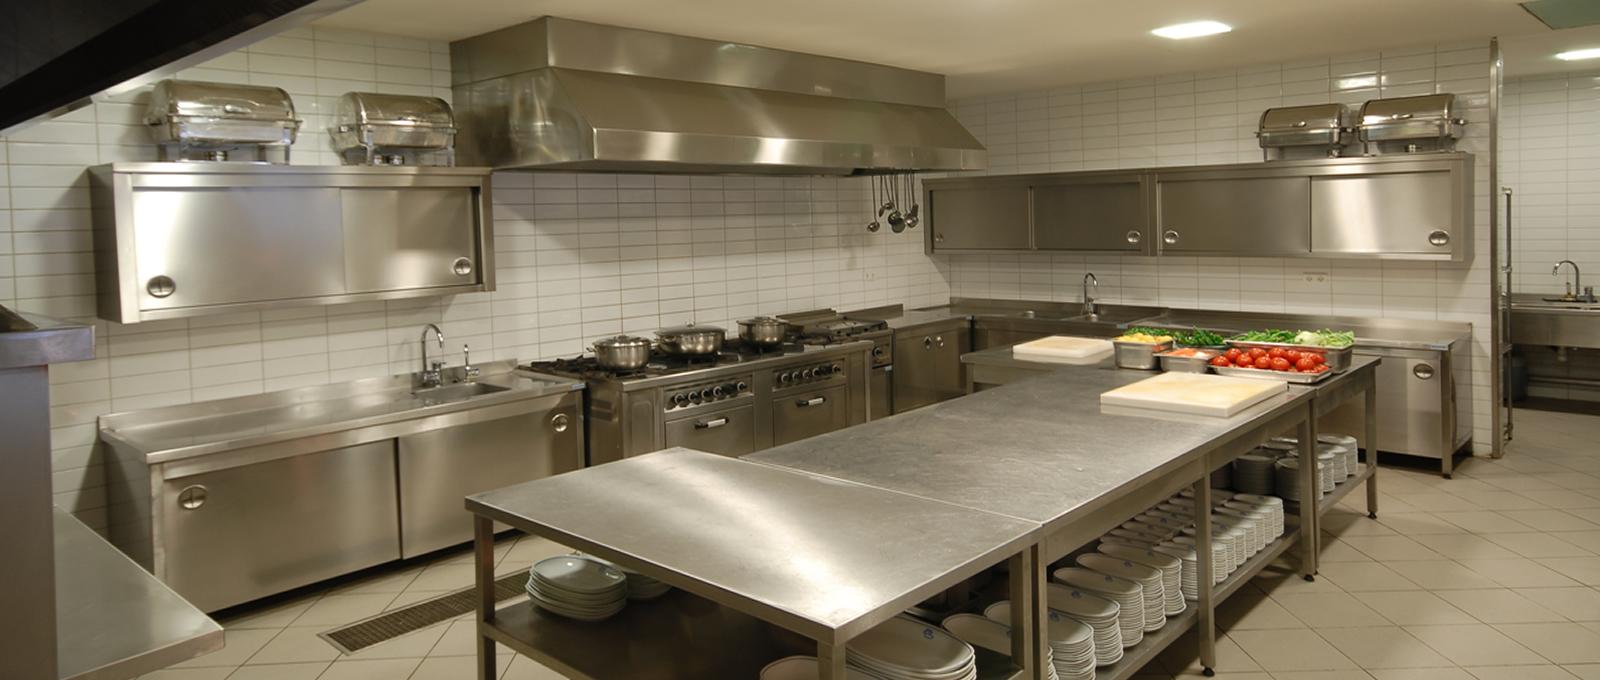 Cozinhas Profissionais